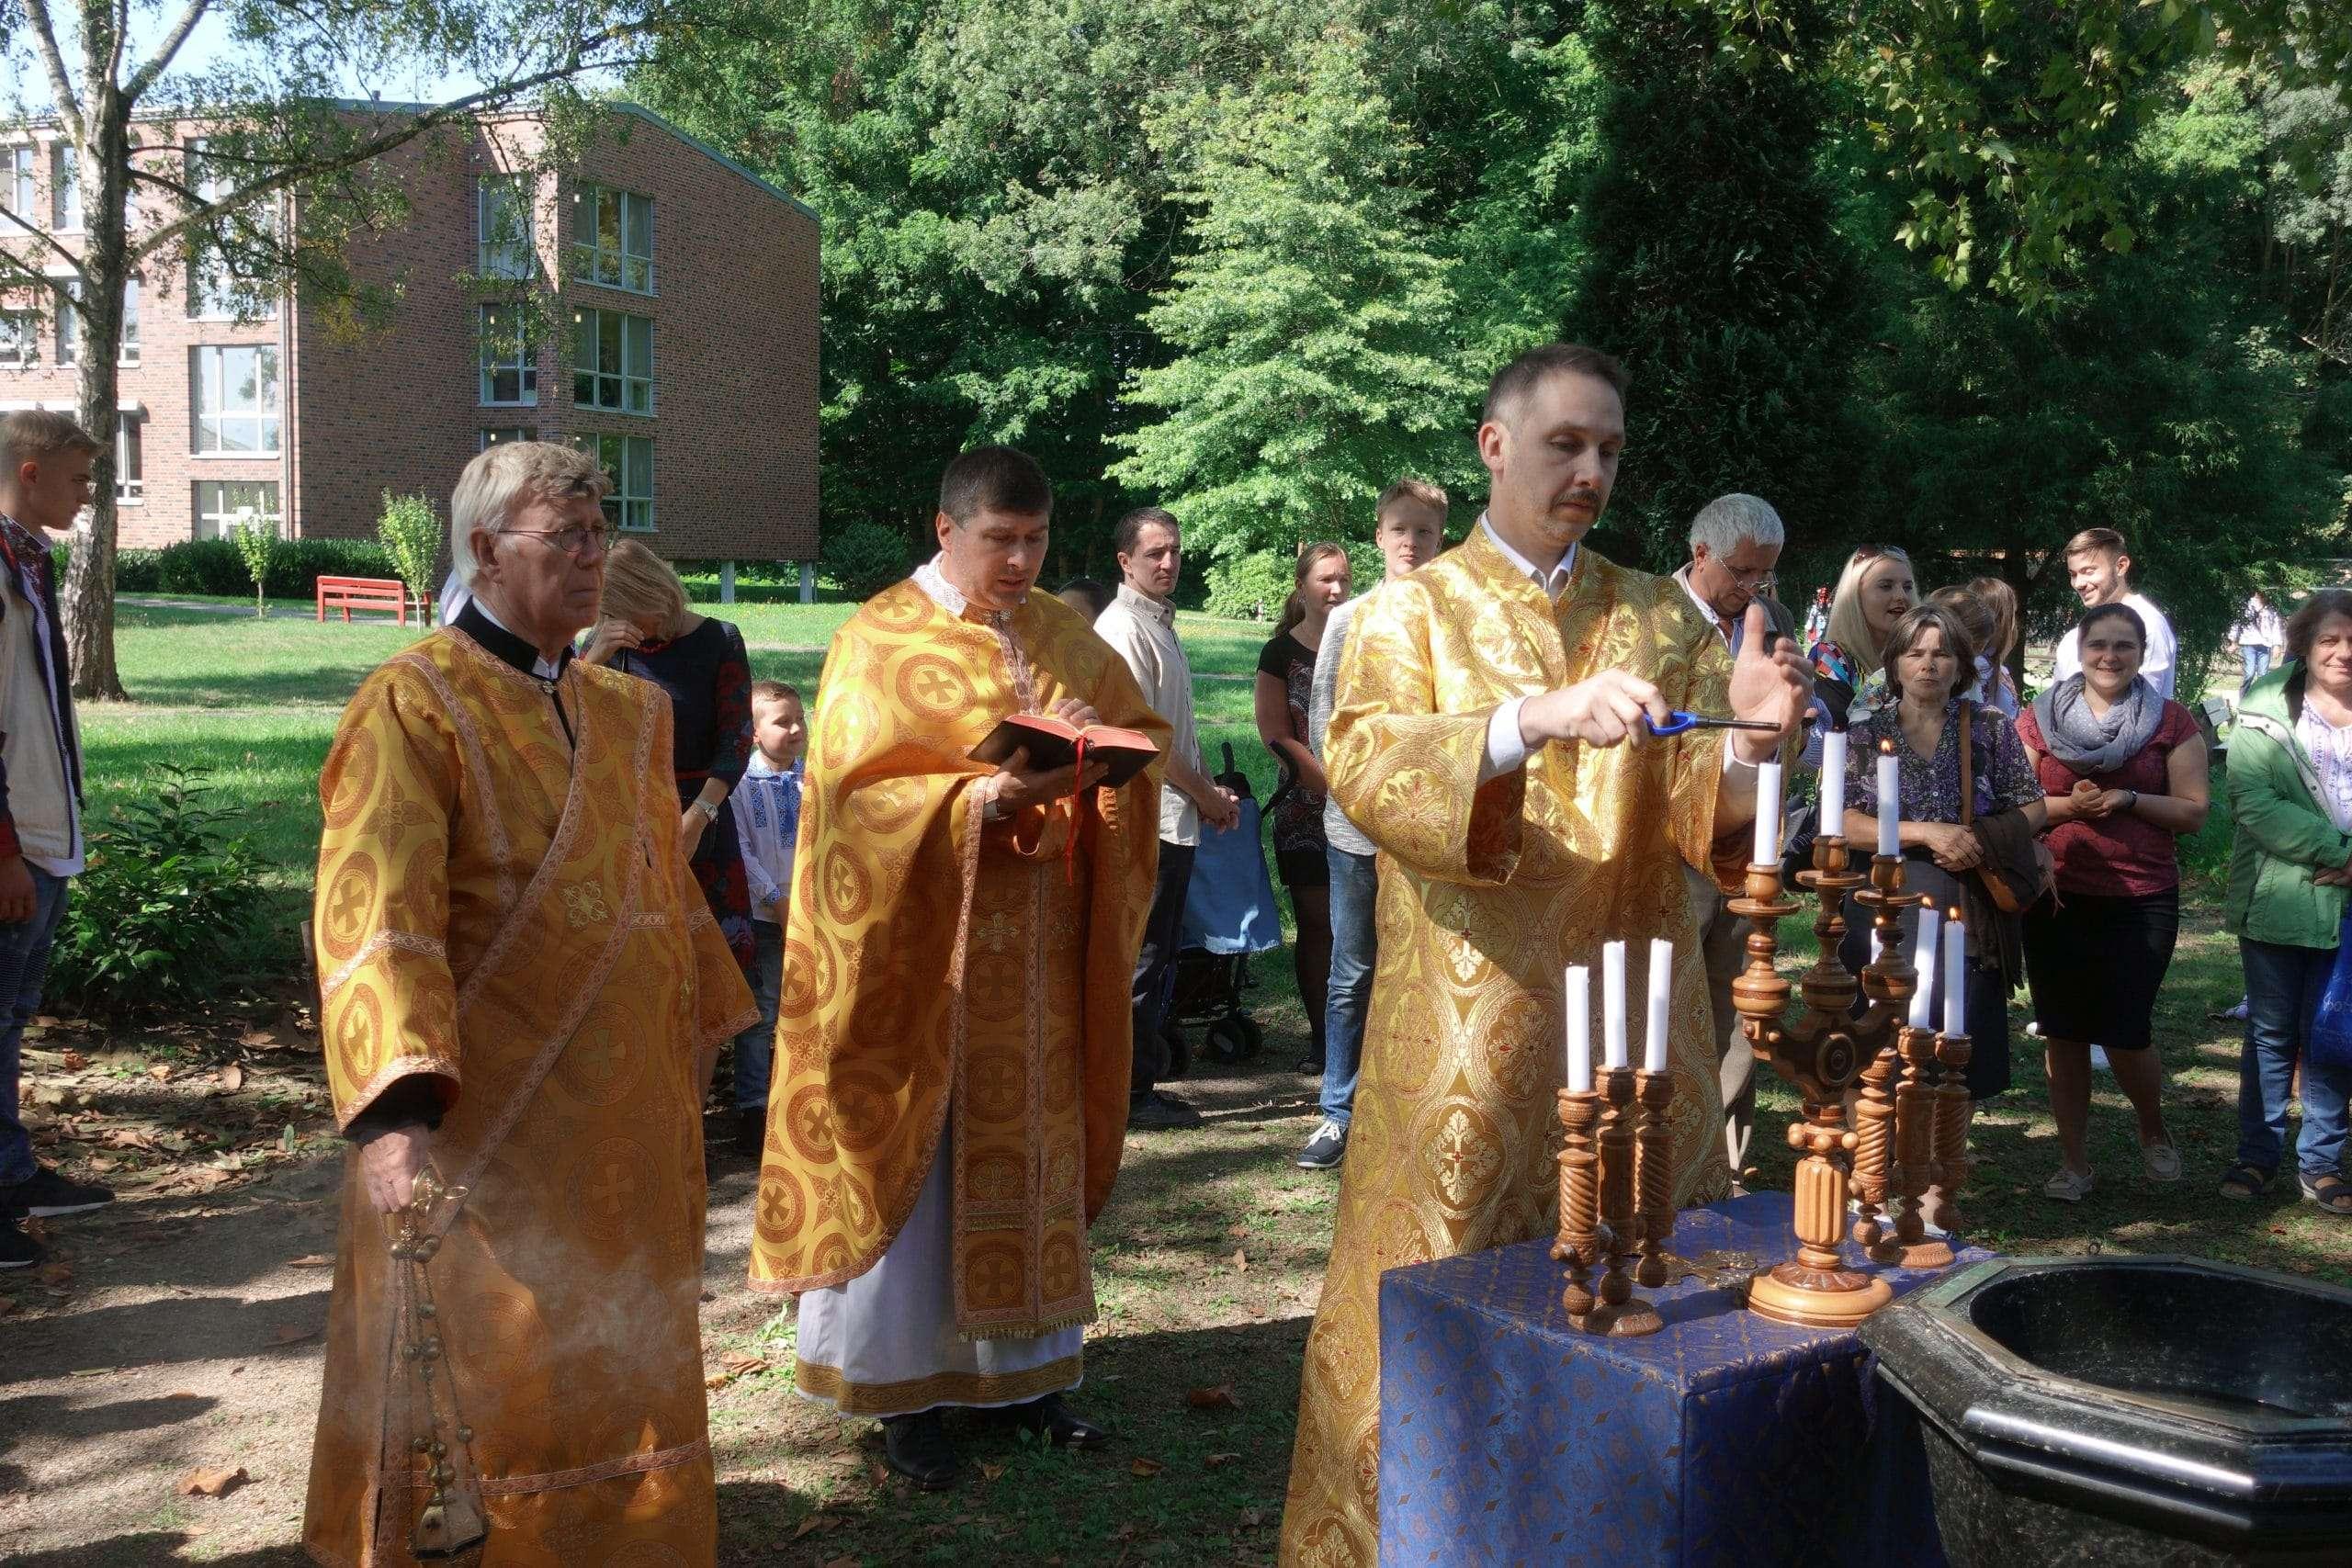 Святкування 1030-тої річниці Хрещення Русі-України та 60-тої річниці посвячення Храму Покрову Пресвятої Богородиці у м. Крефельд